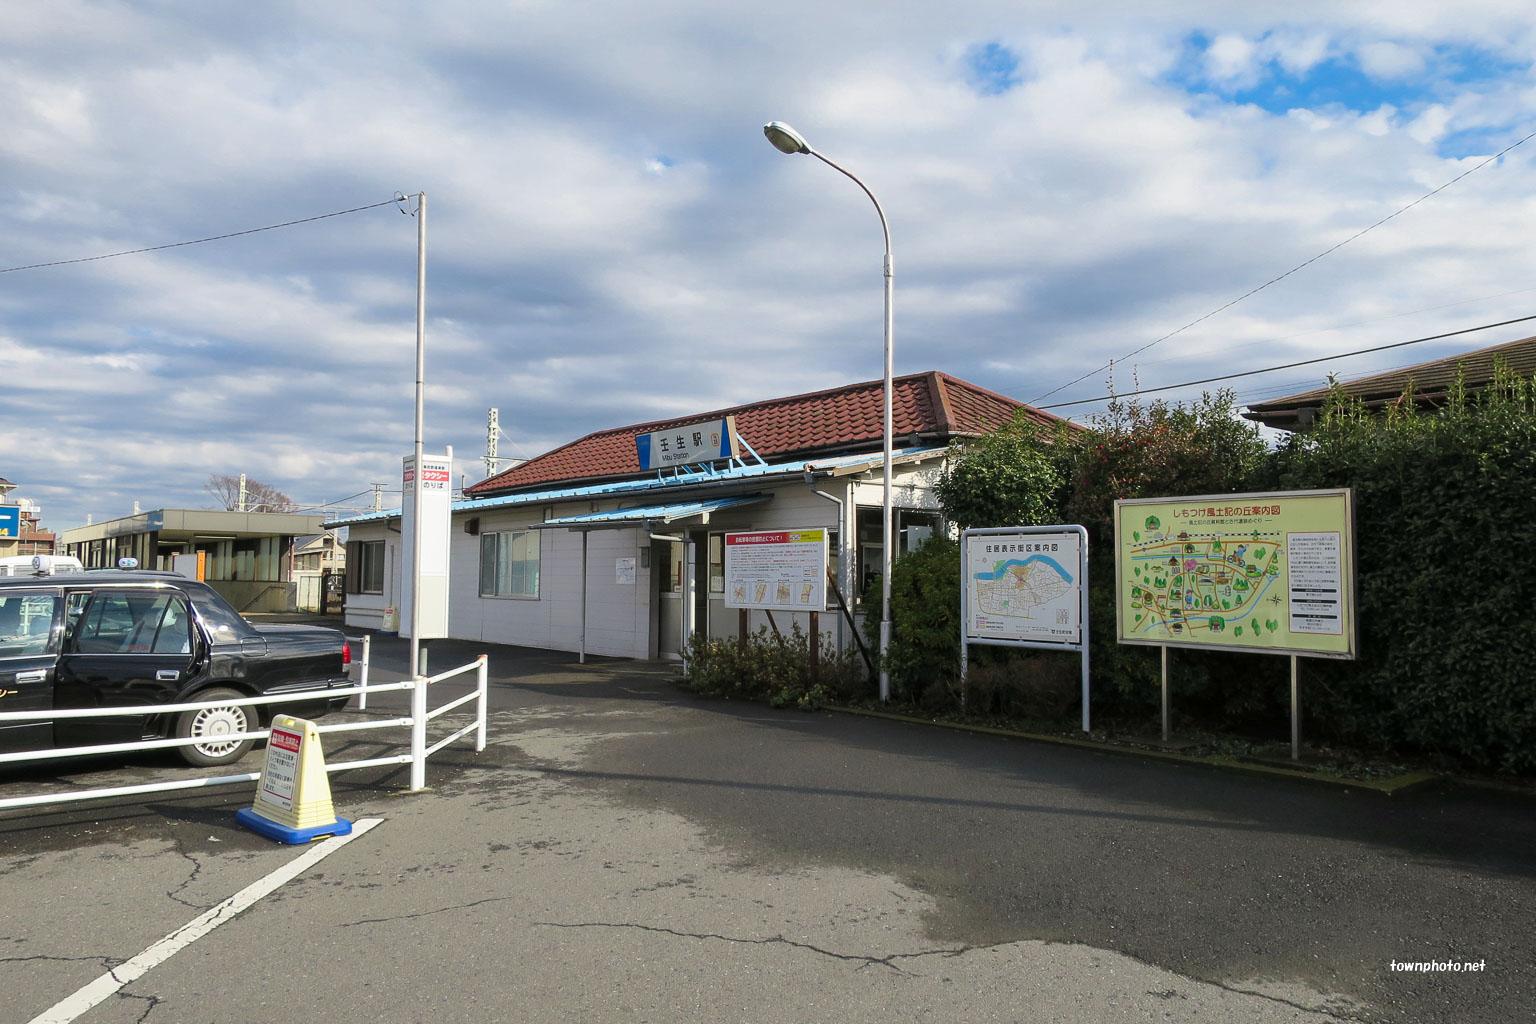 壬生駅から蘭学通りまでの紹介 写真32枚   栃木県壬生町